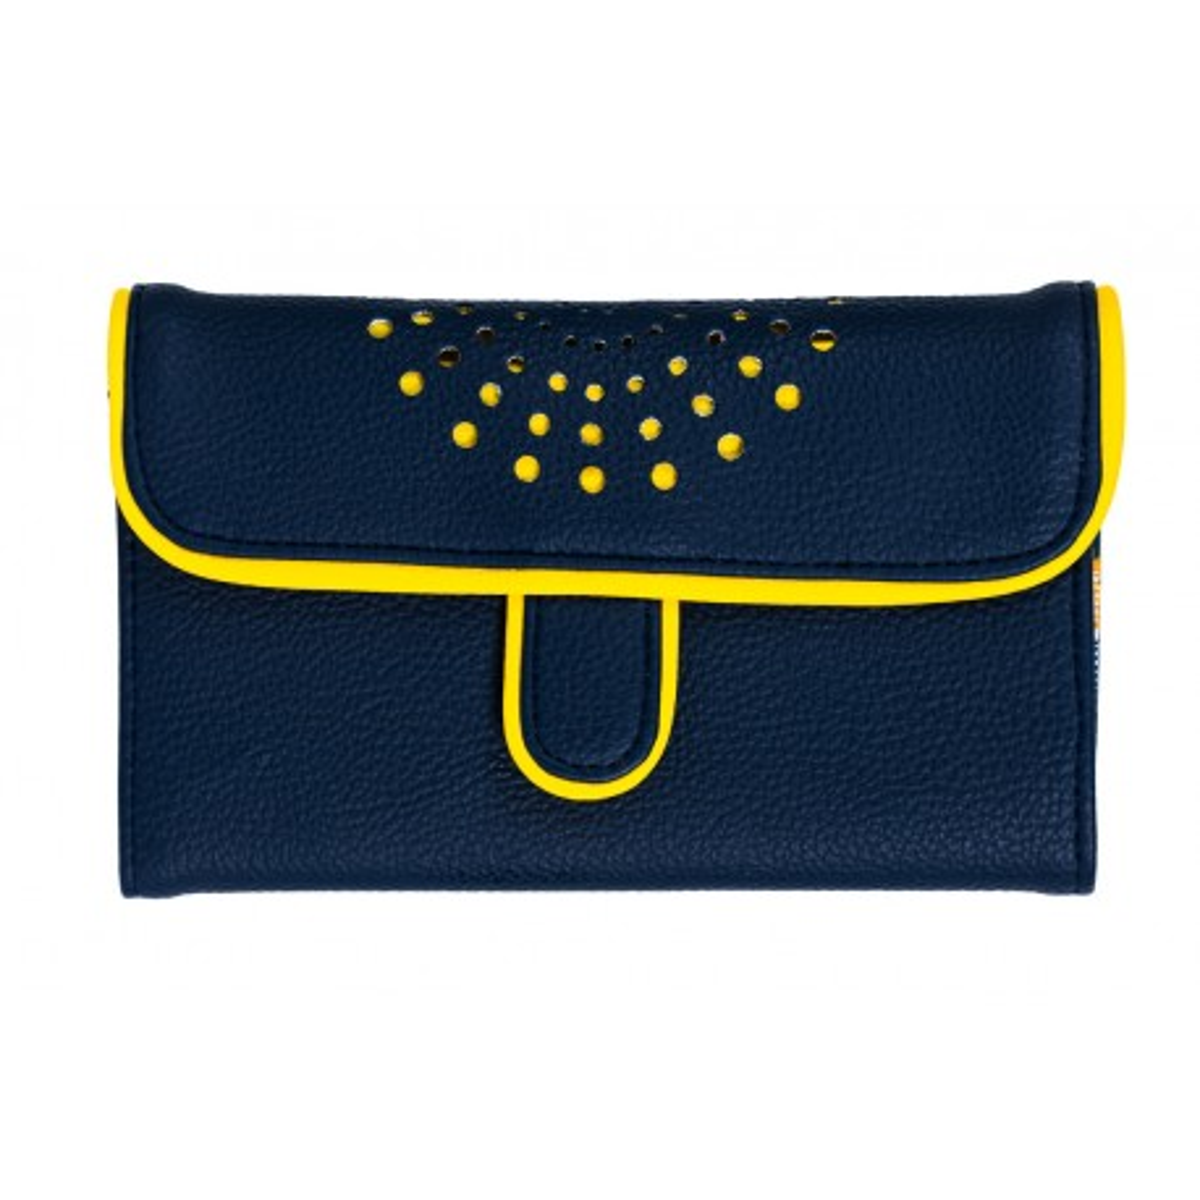 Portefeuille femme original jaune et noir